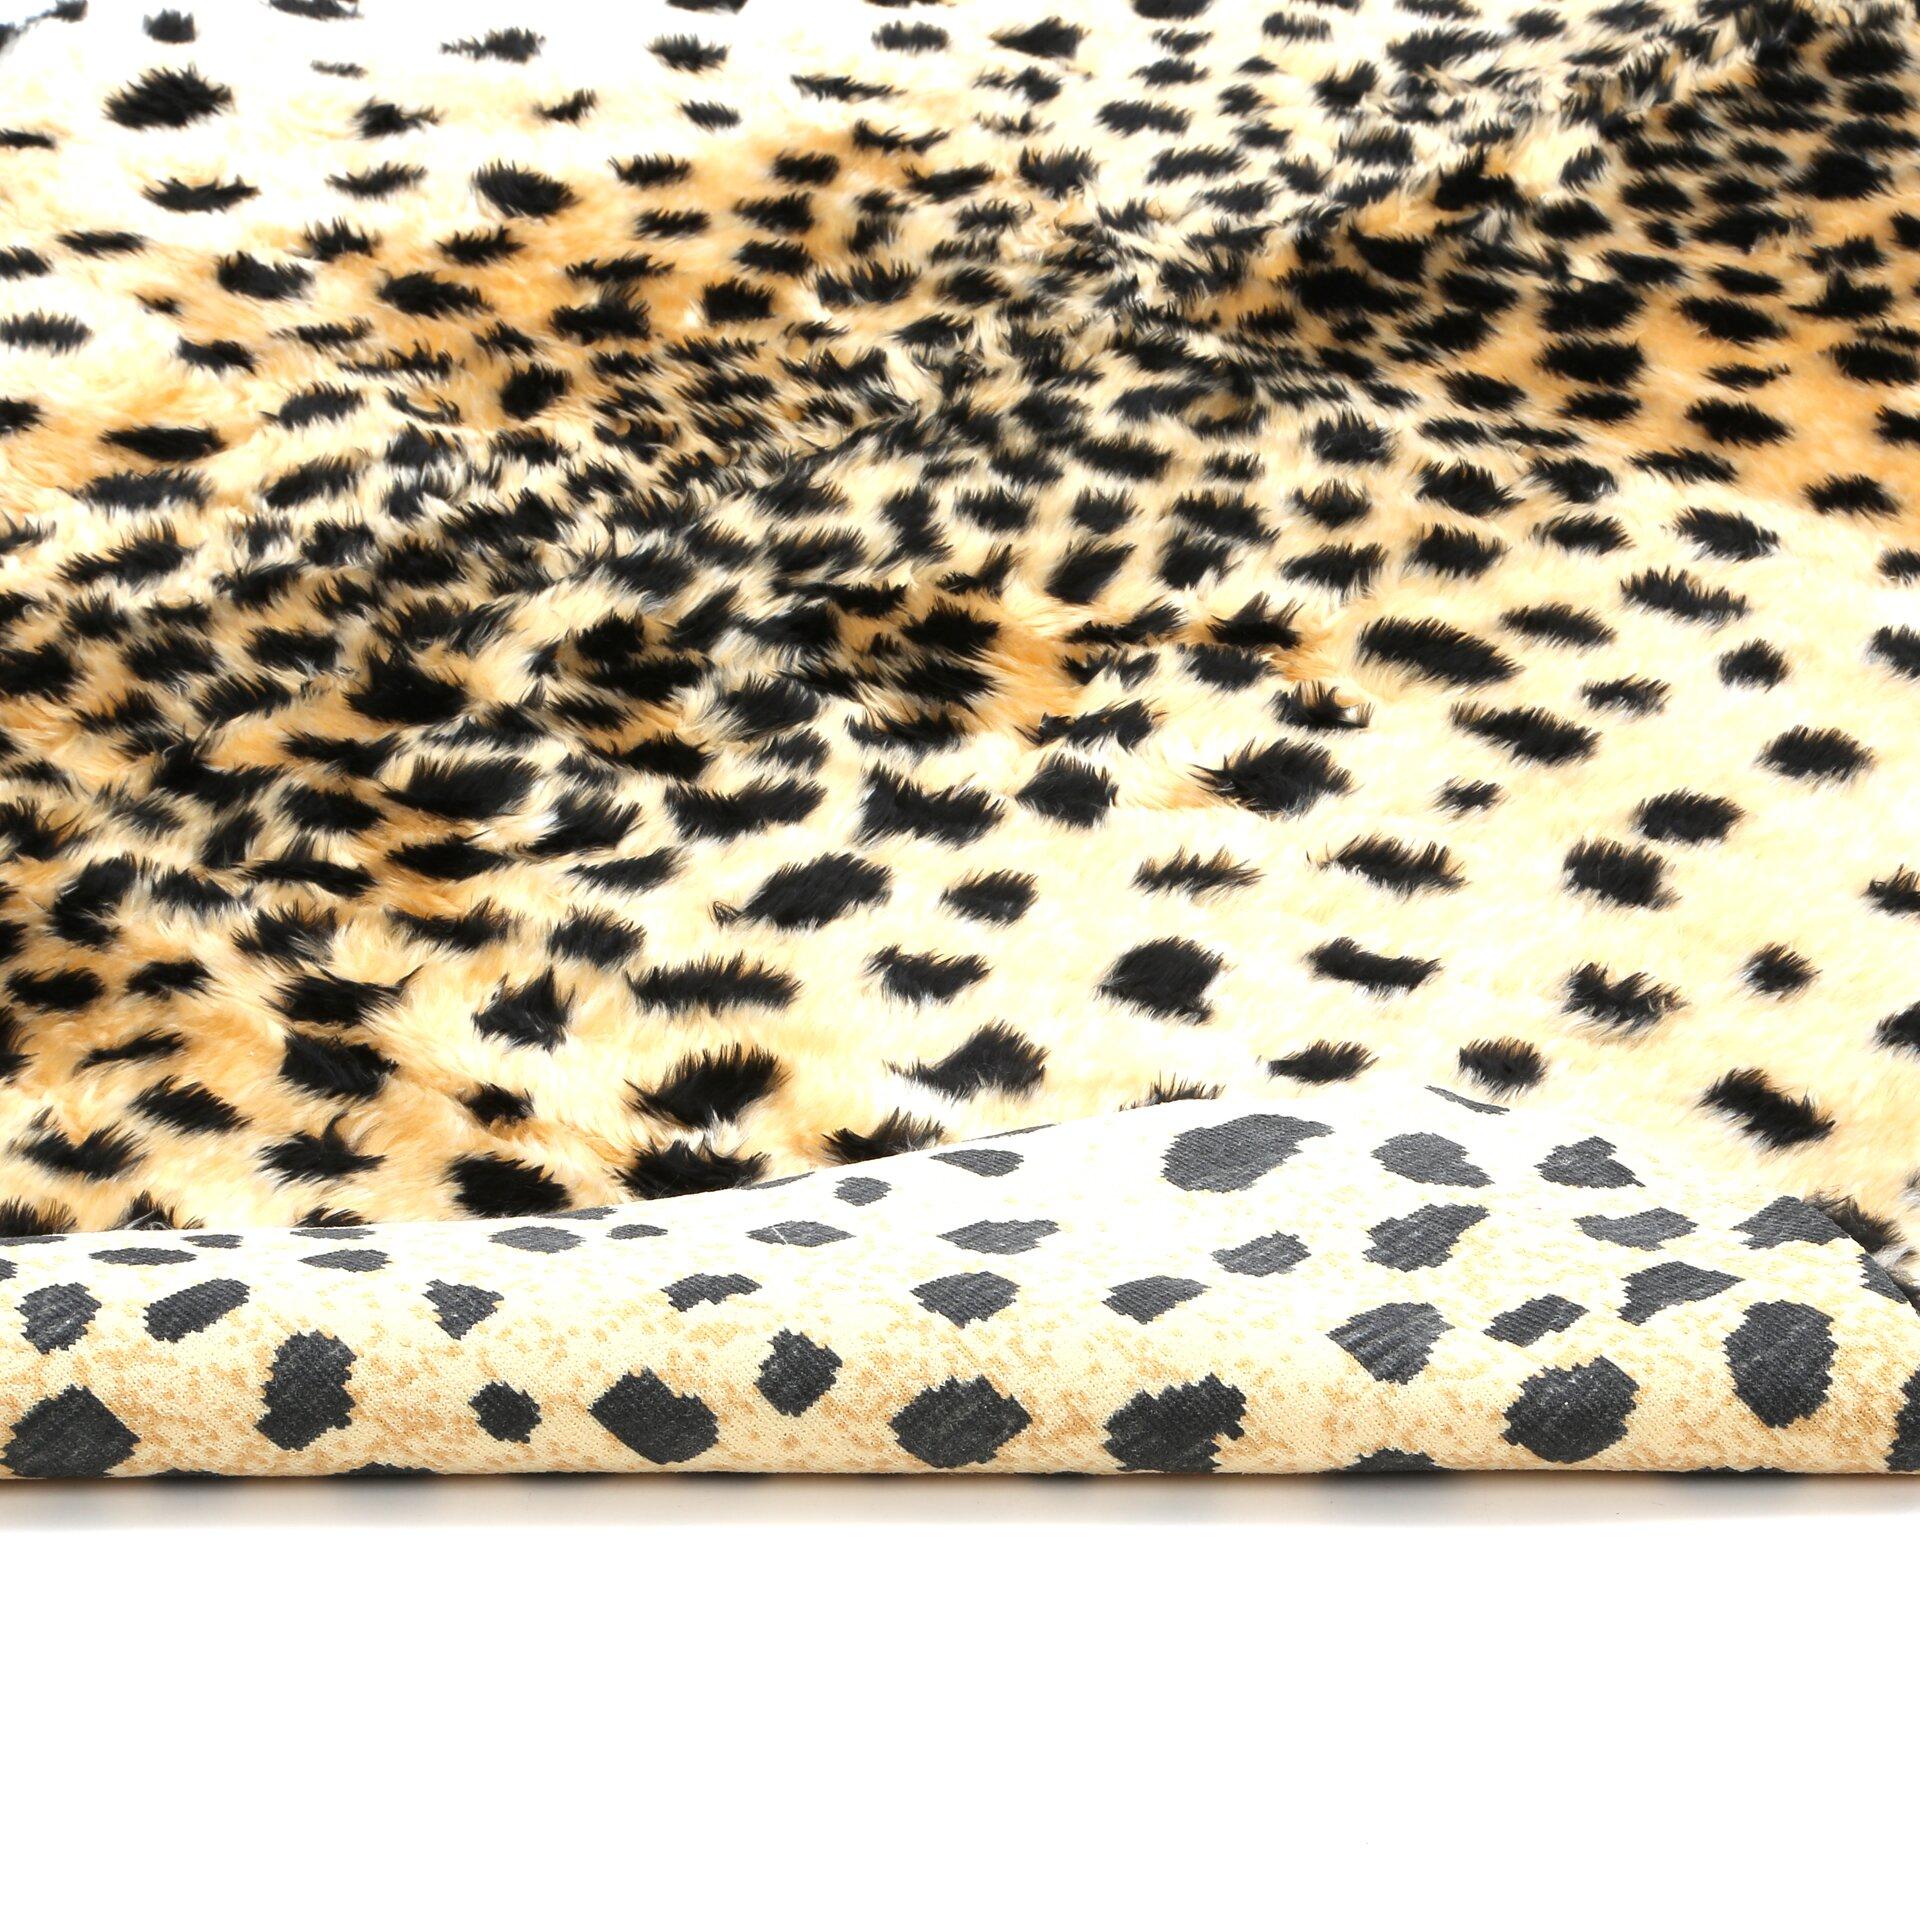 Animal Print Rug Wayfair: Walk On Me Animal Black/Tan Cheetah Area Rug & Reviews